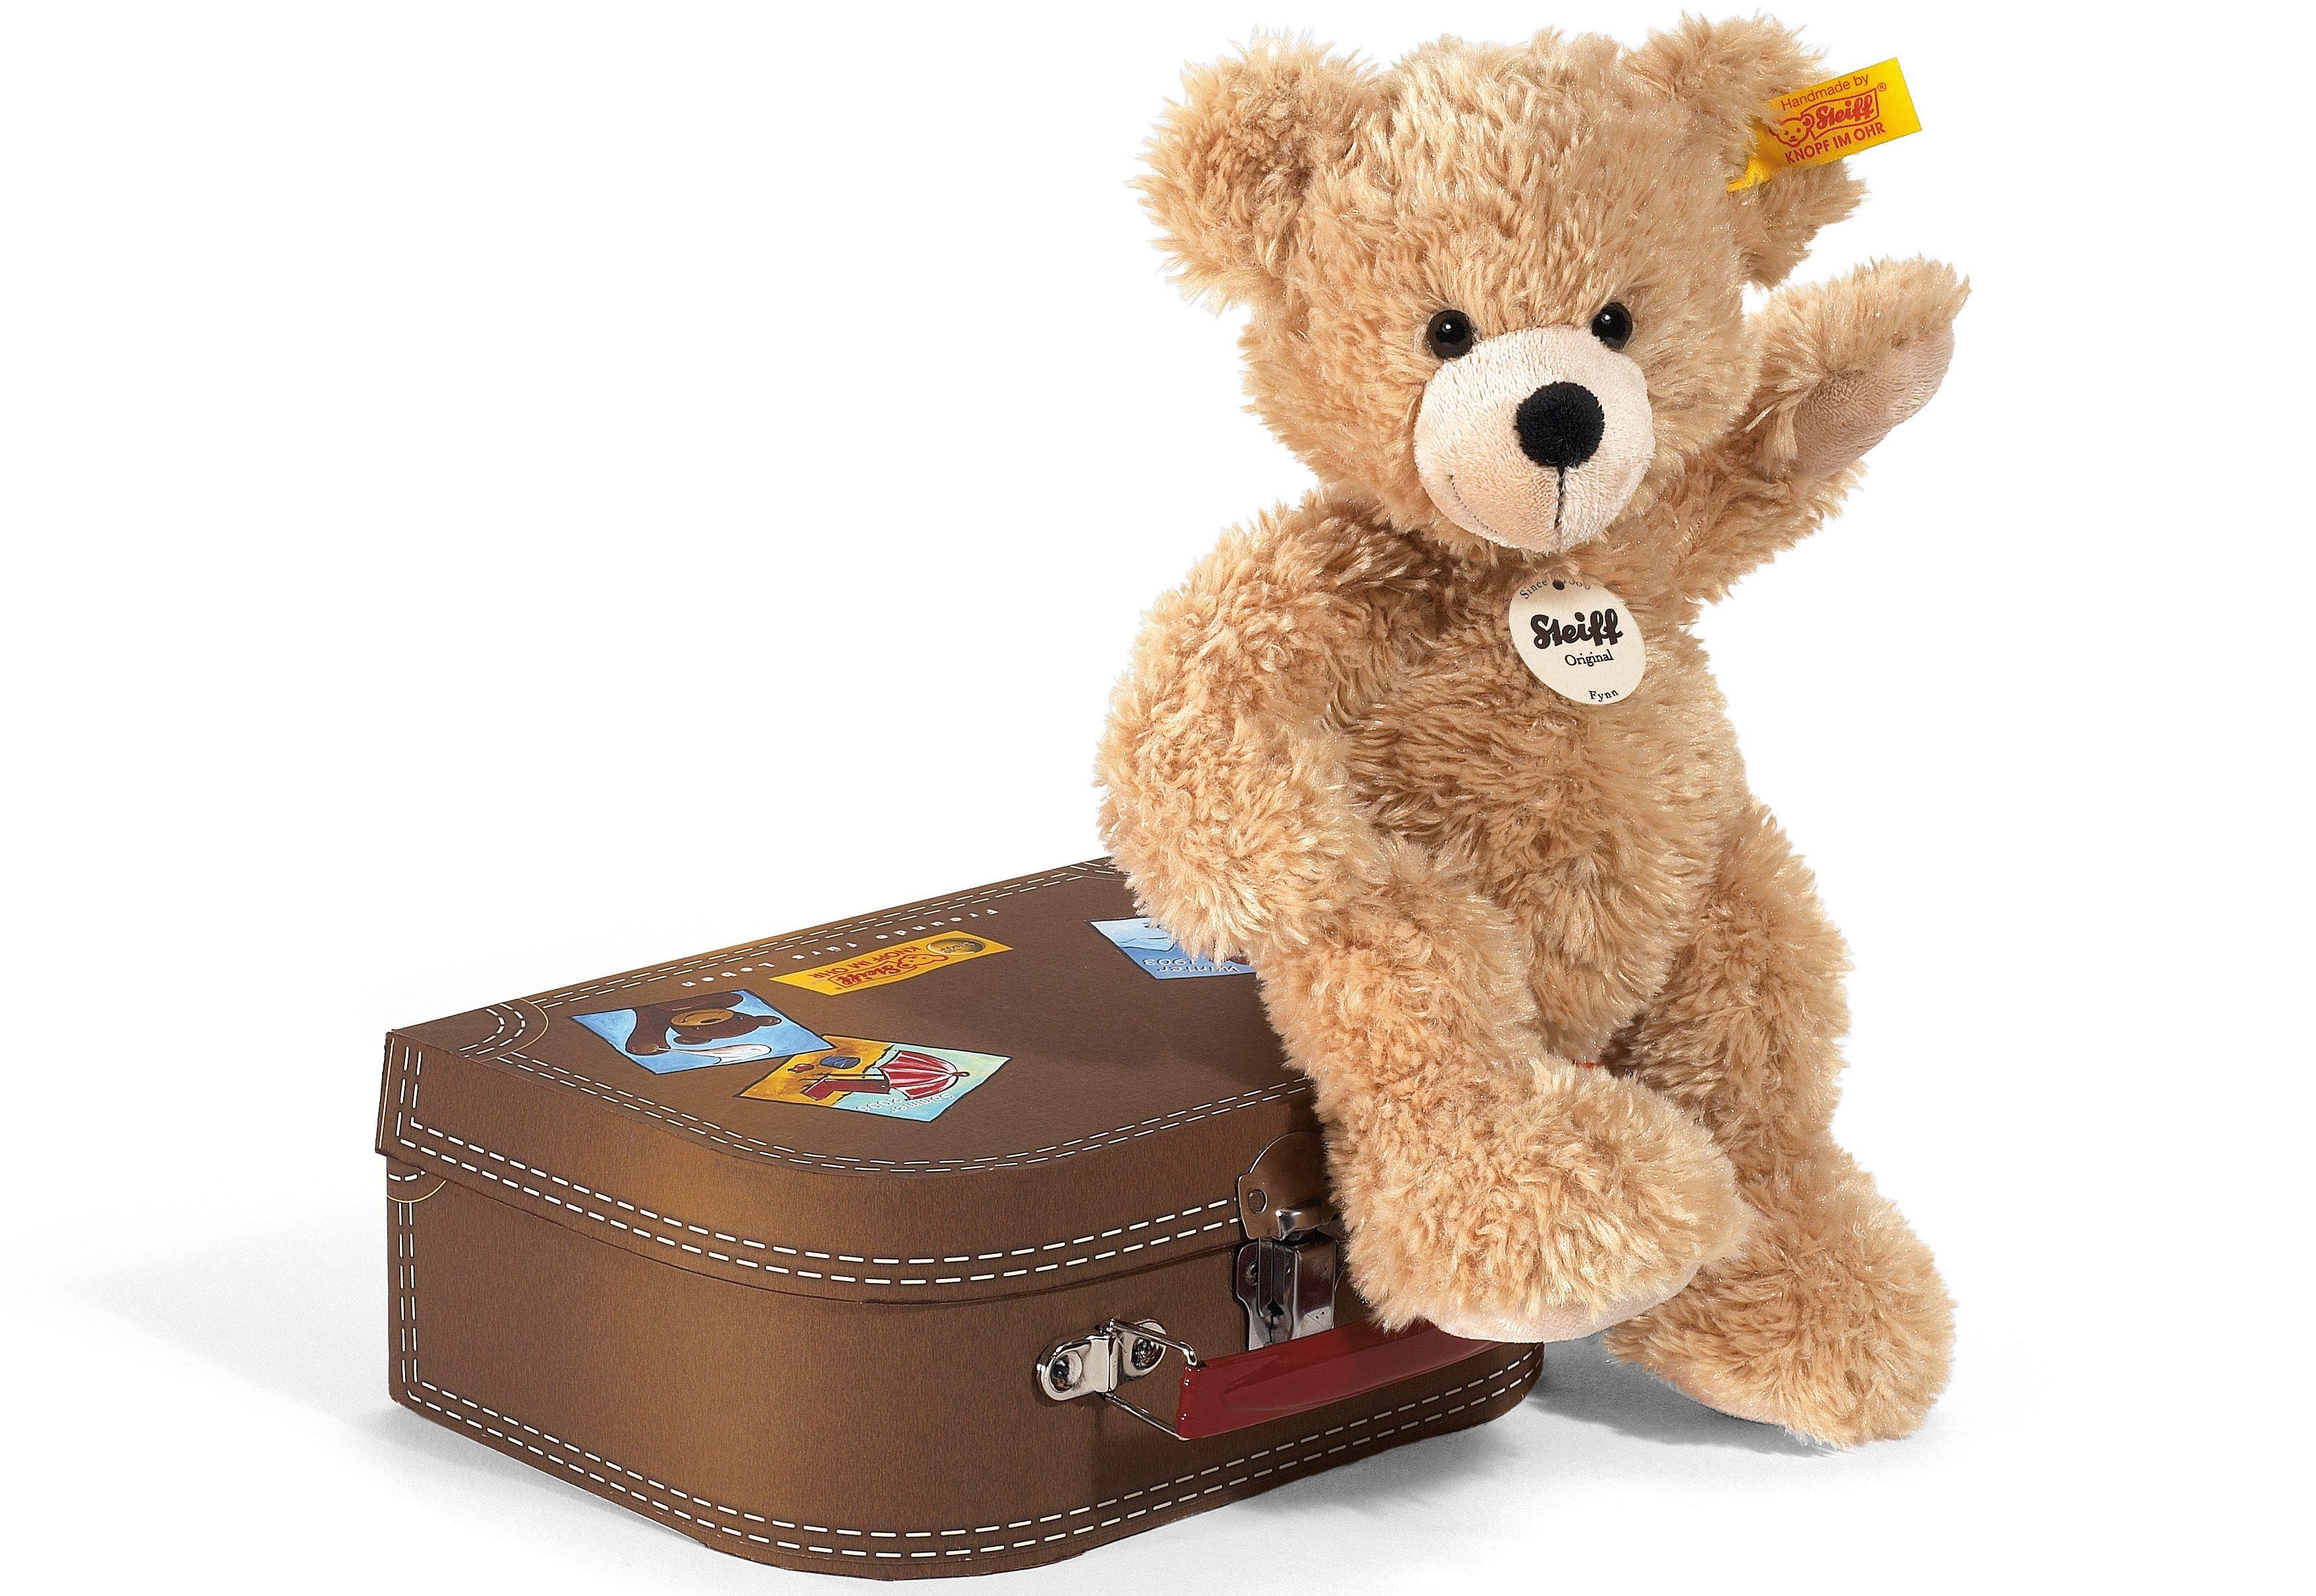 Steiff Plüschtier, 28 cm, »Fynn Teddybär im Koffer«